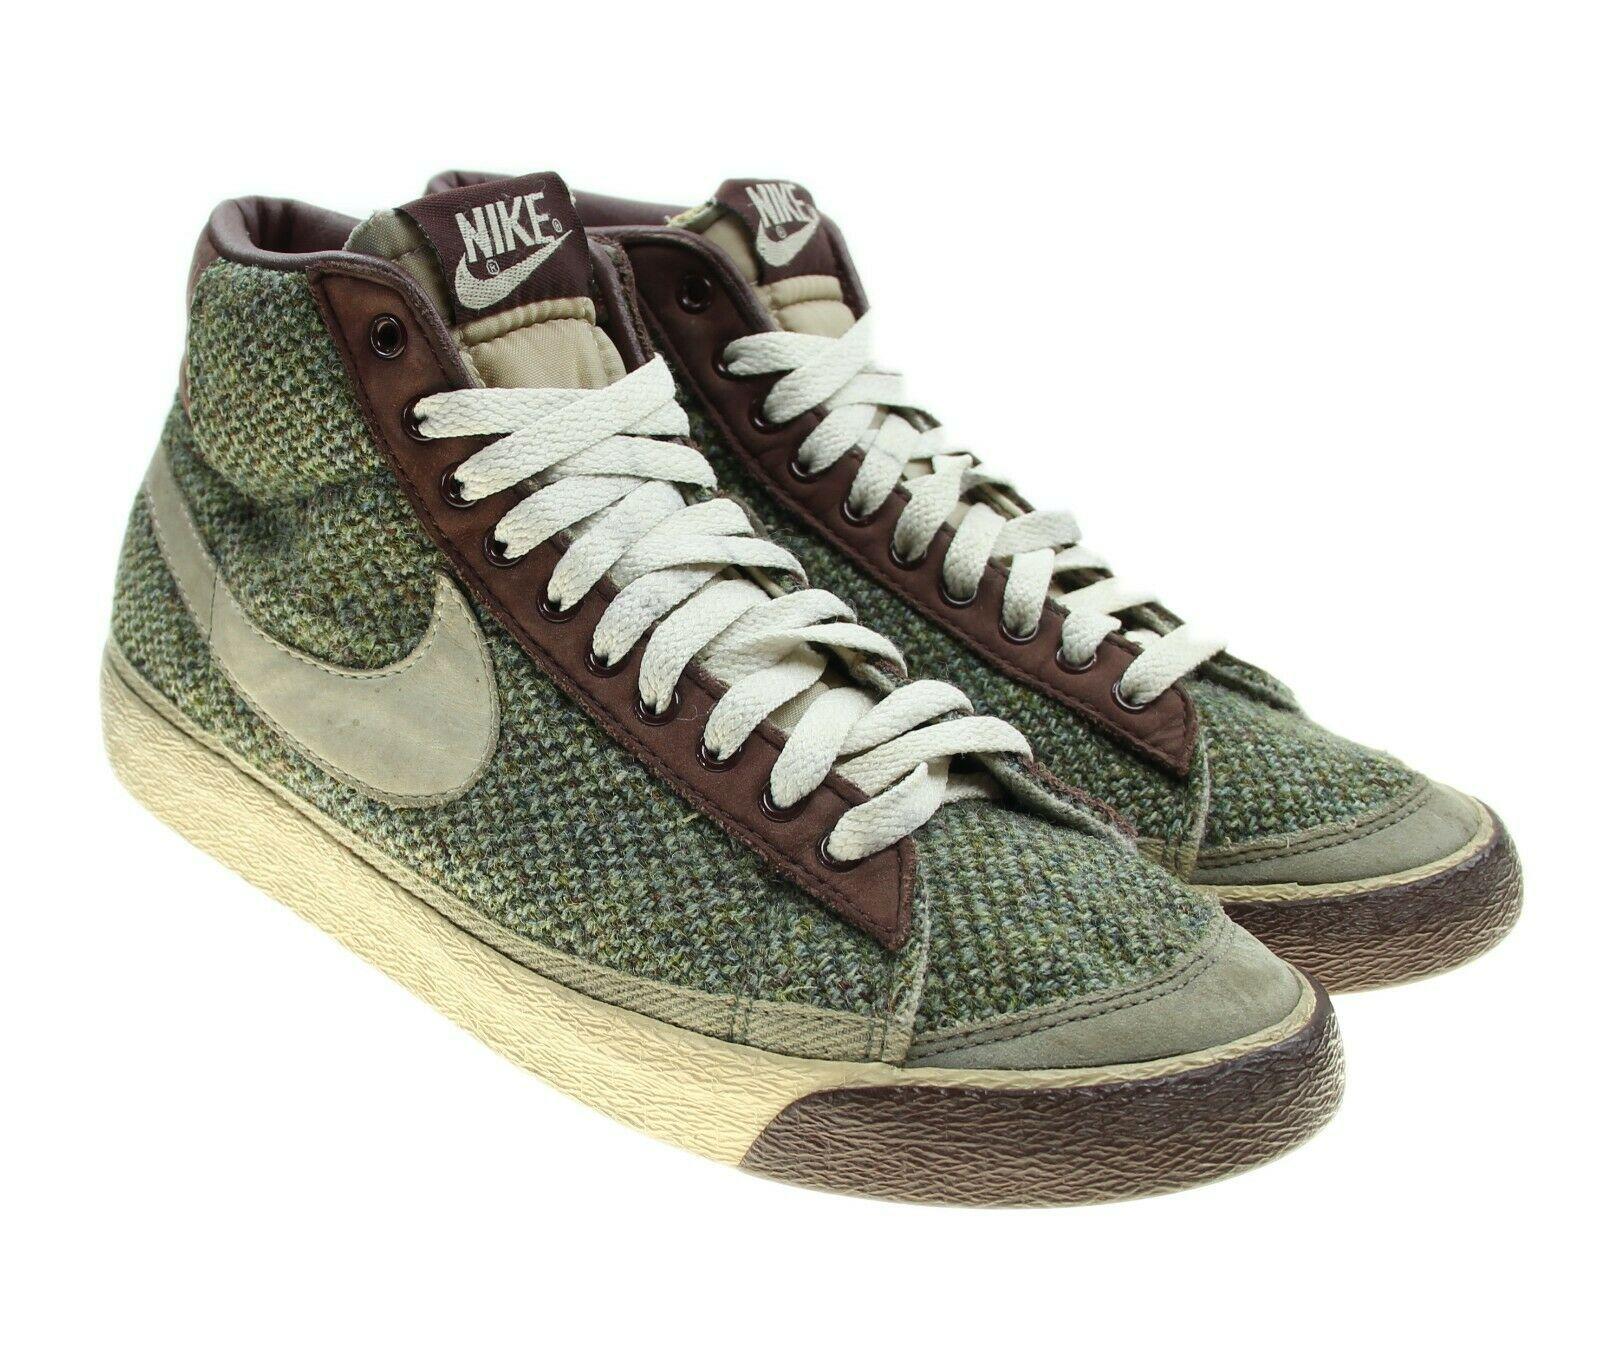 Vintage Nike Blazer Sneakers Swoosh Shoes Harris Tweed Womens Size 8.5 Mens 7